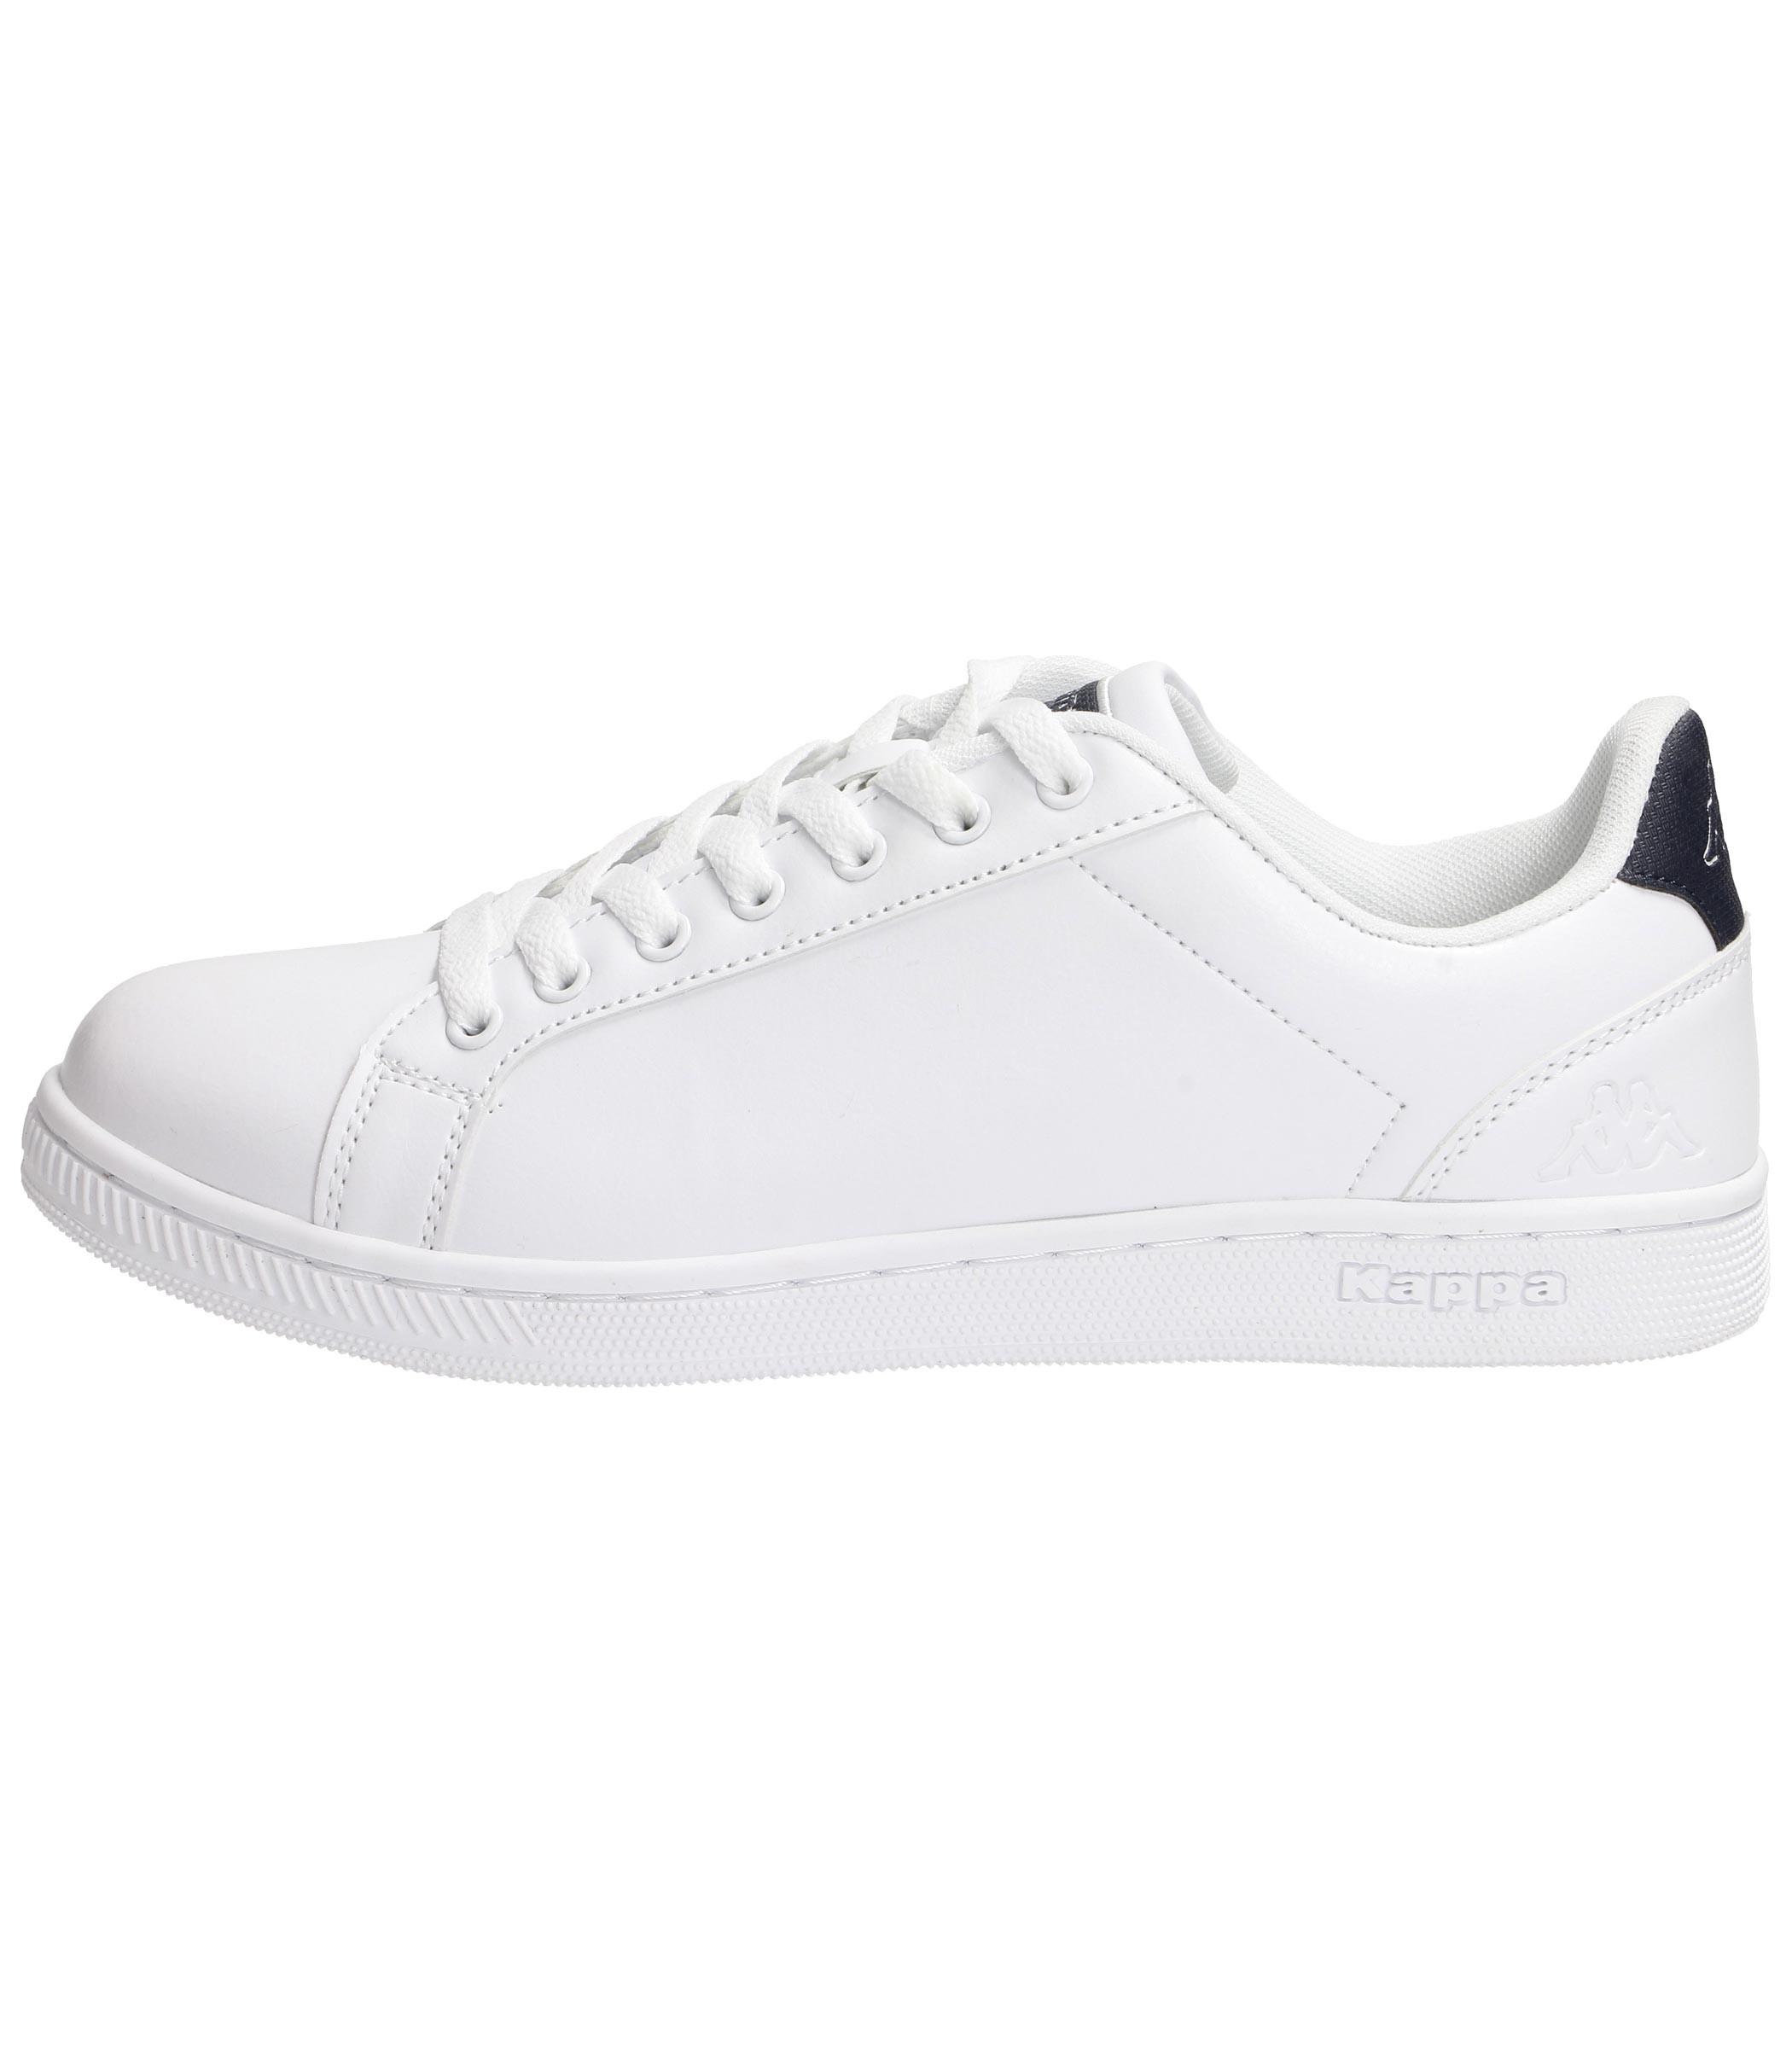 Galter 2 Sneakers Kappa 303ll90 Logo Originali Da Scarpe Rif Uomo ASpxPPwn